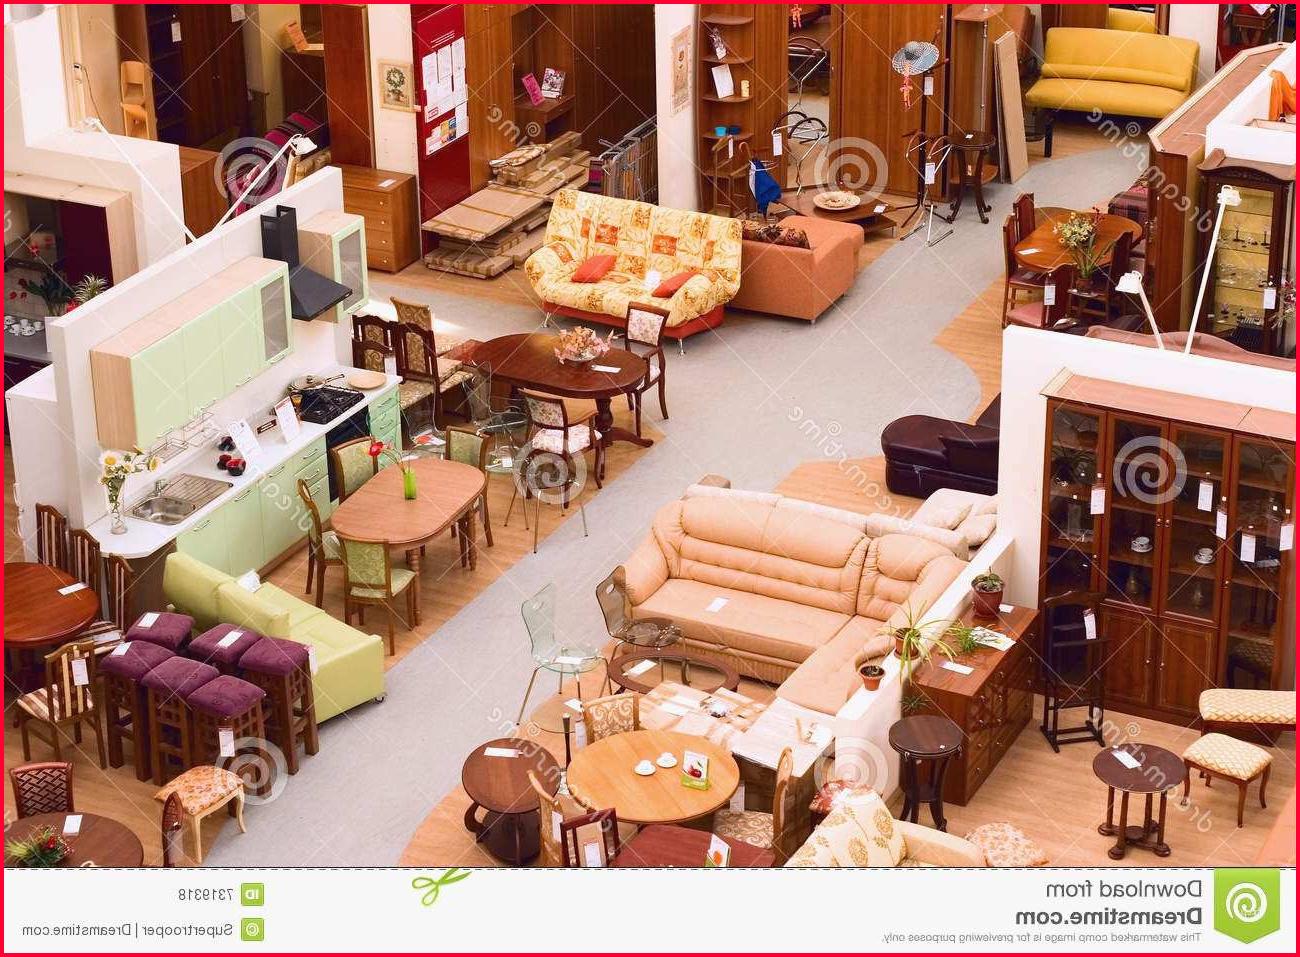 Tiendas De Muebles En Alcorcon 3id6 Tiendas De Muebles En Alcorcon Hermosa Tienda Muebles